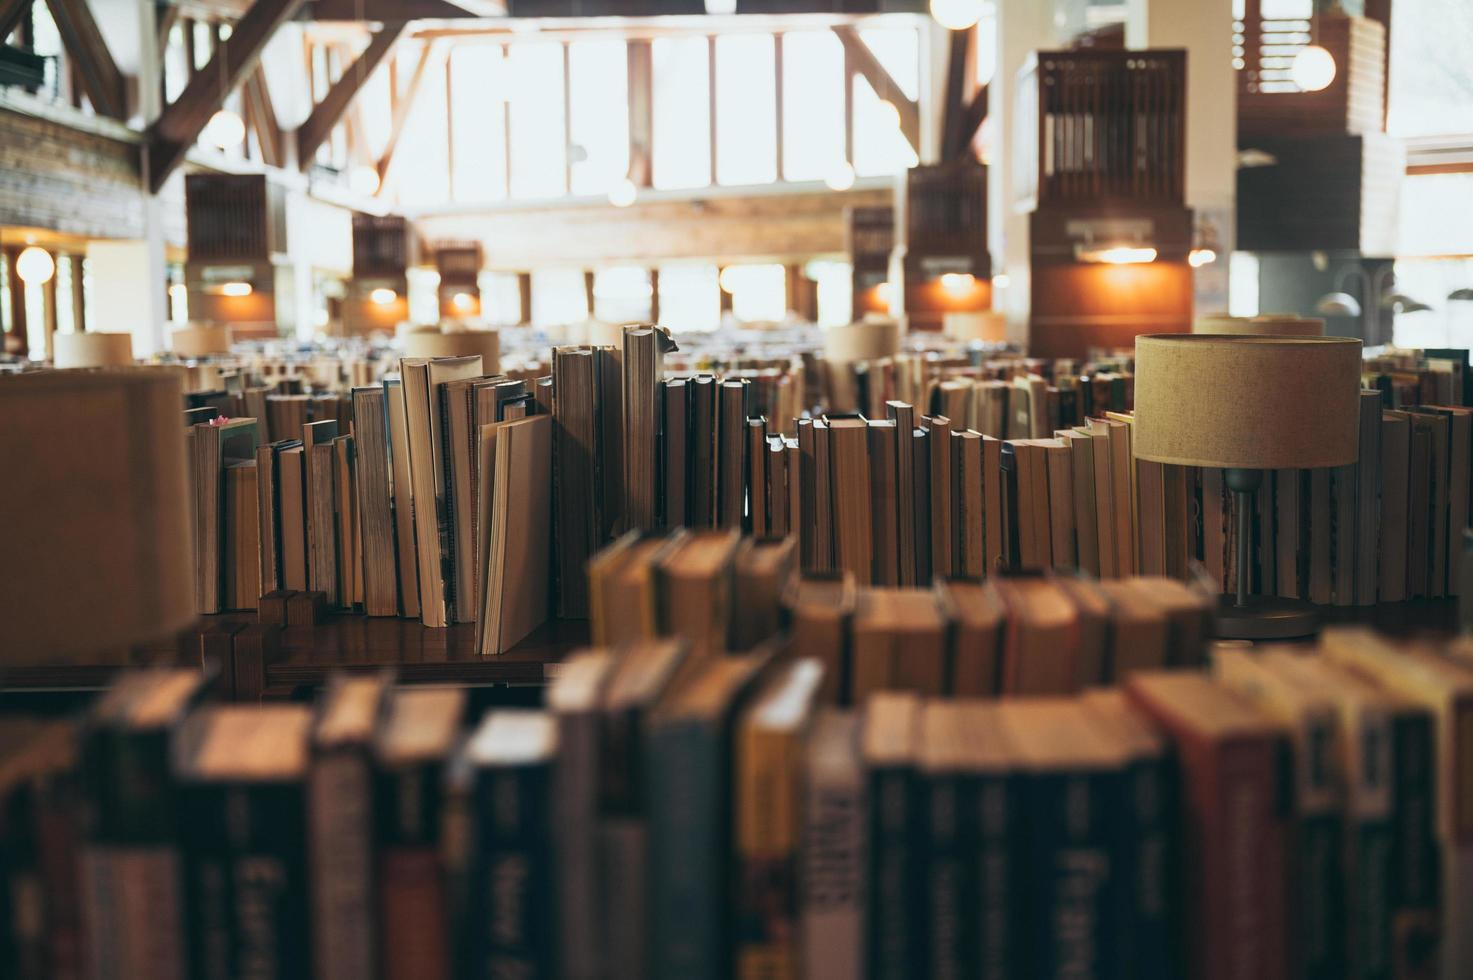 libri in una grande biblioteca pubblica foto